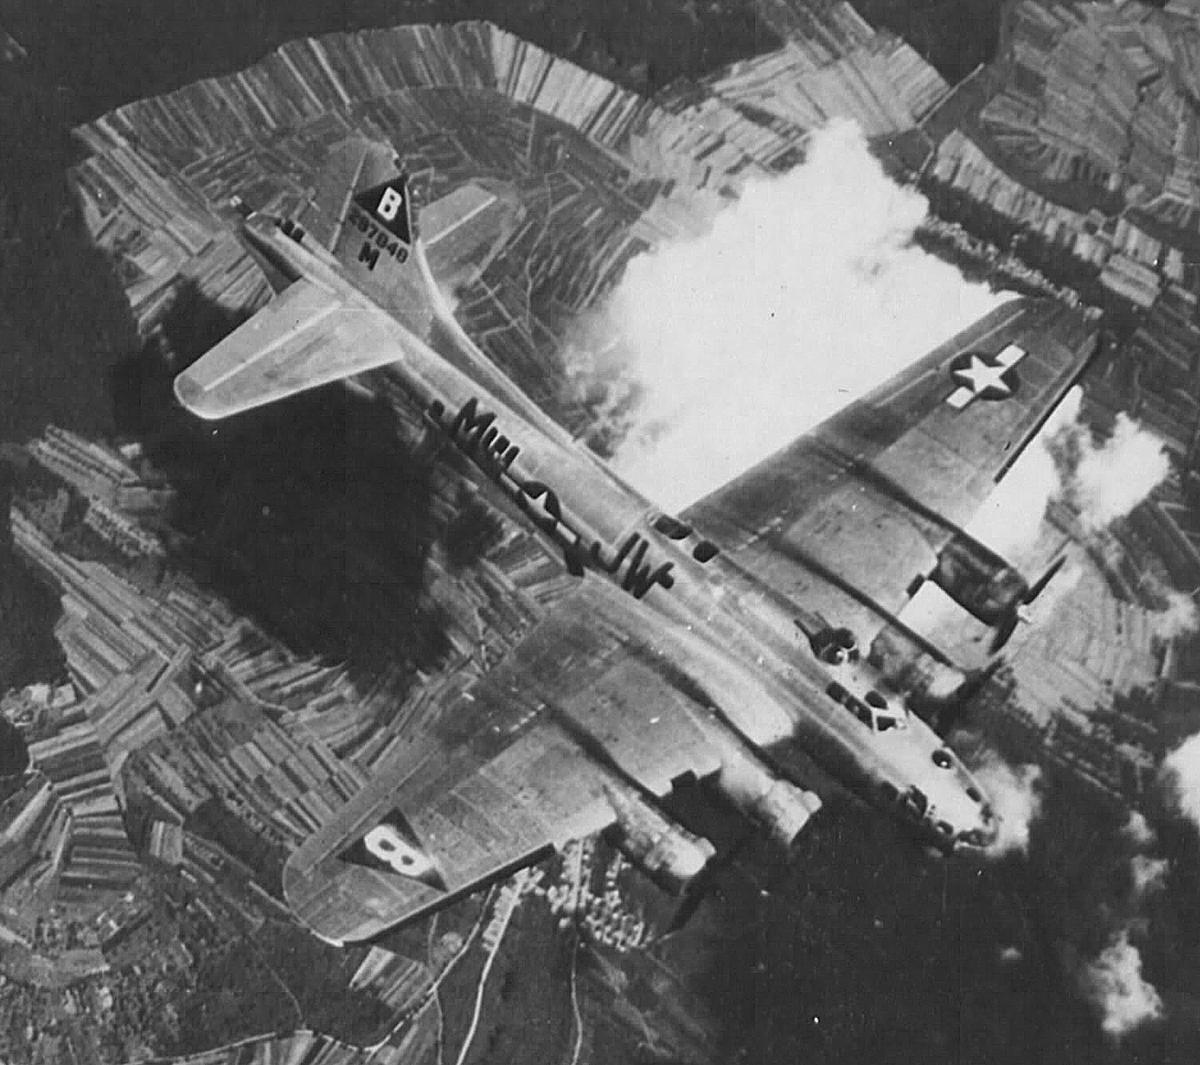 B-17 #42-97848 / Silver Wings